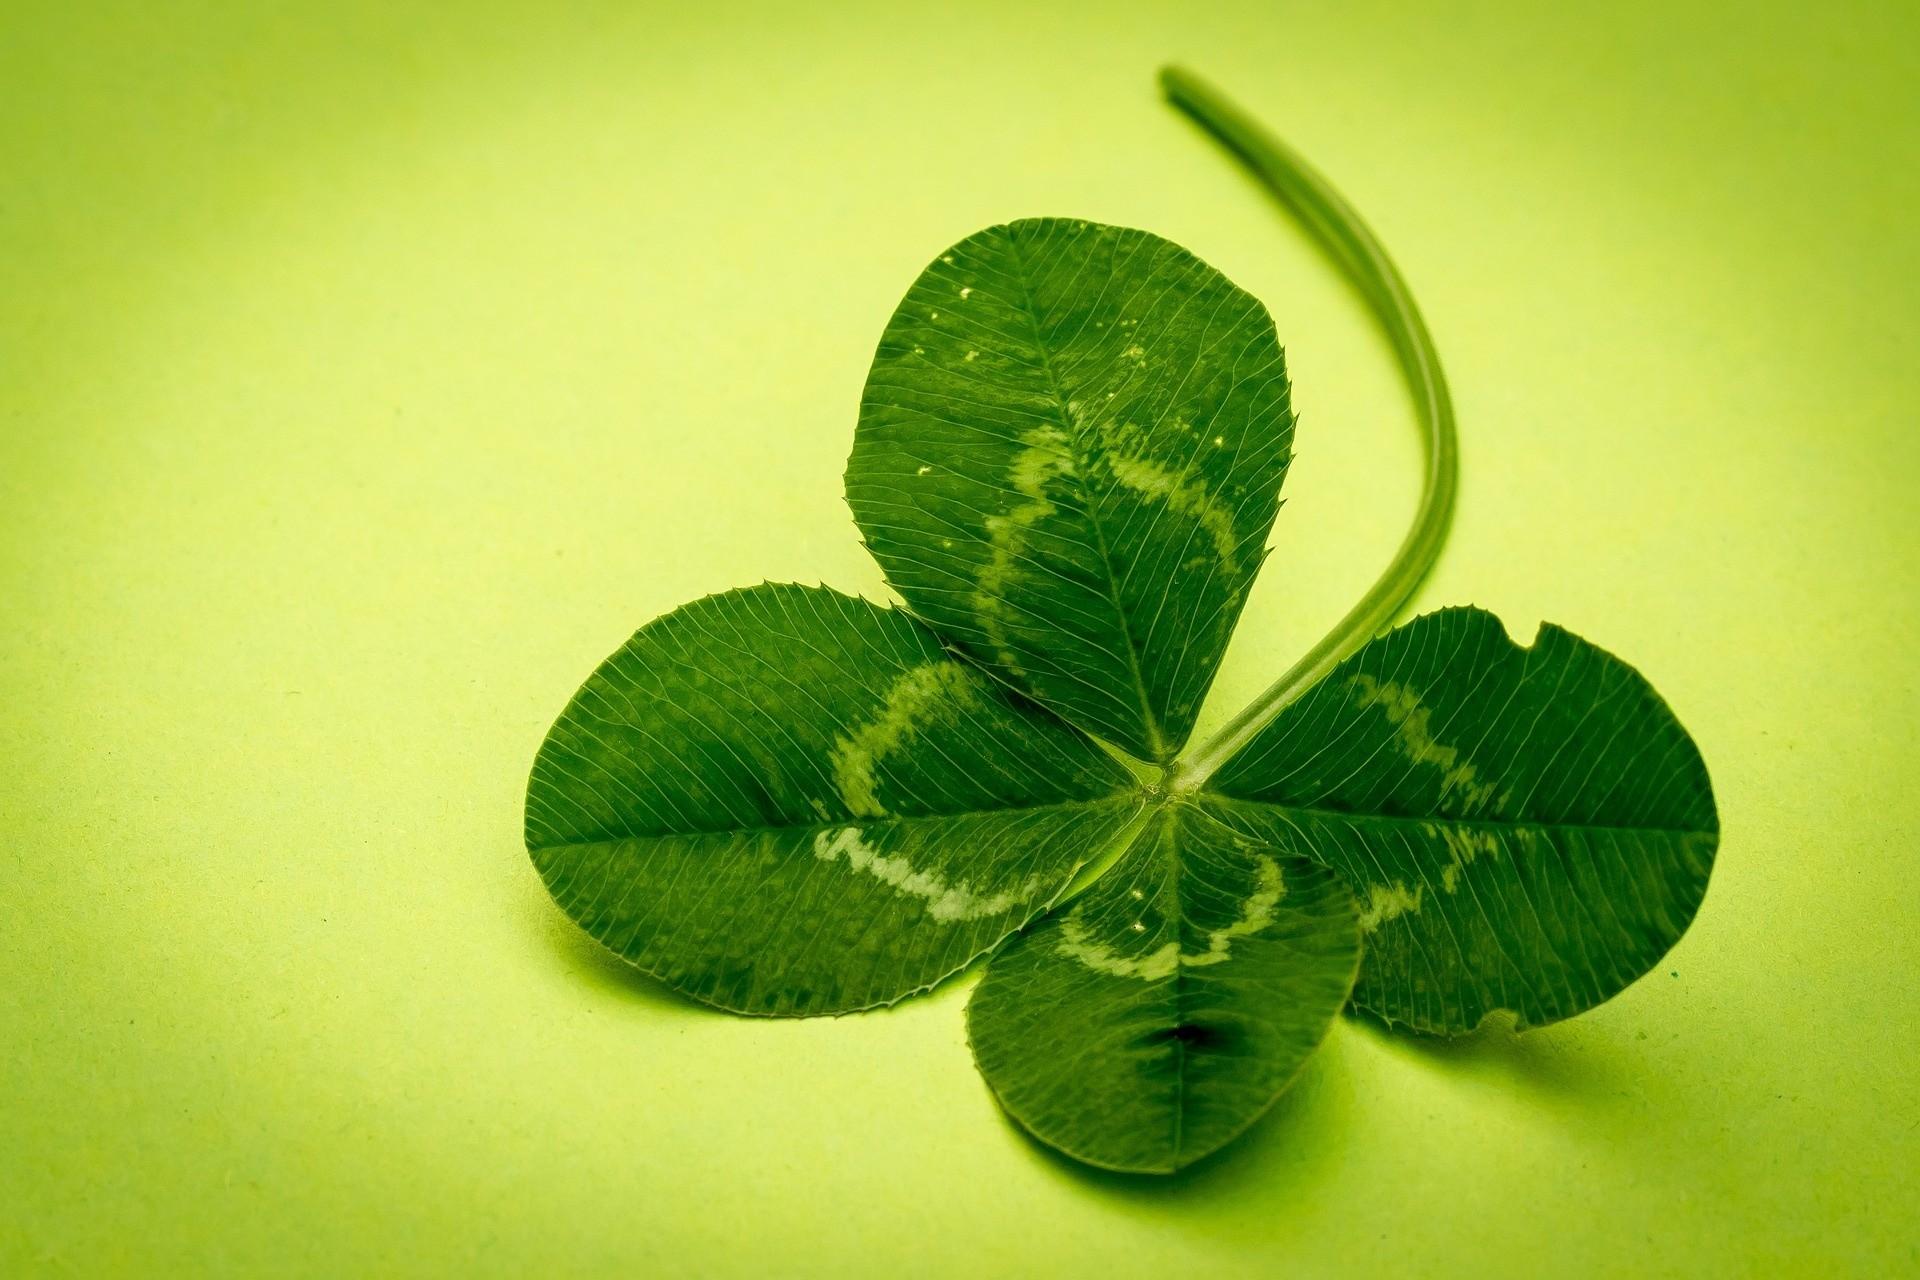 Hình ảnh cỏ 4 lá mang lại niềm tin, hy vọng